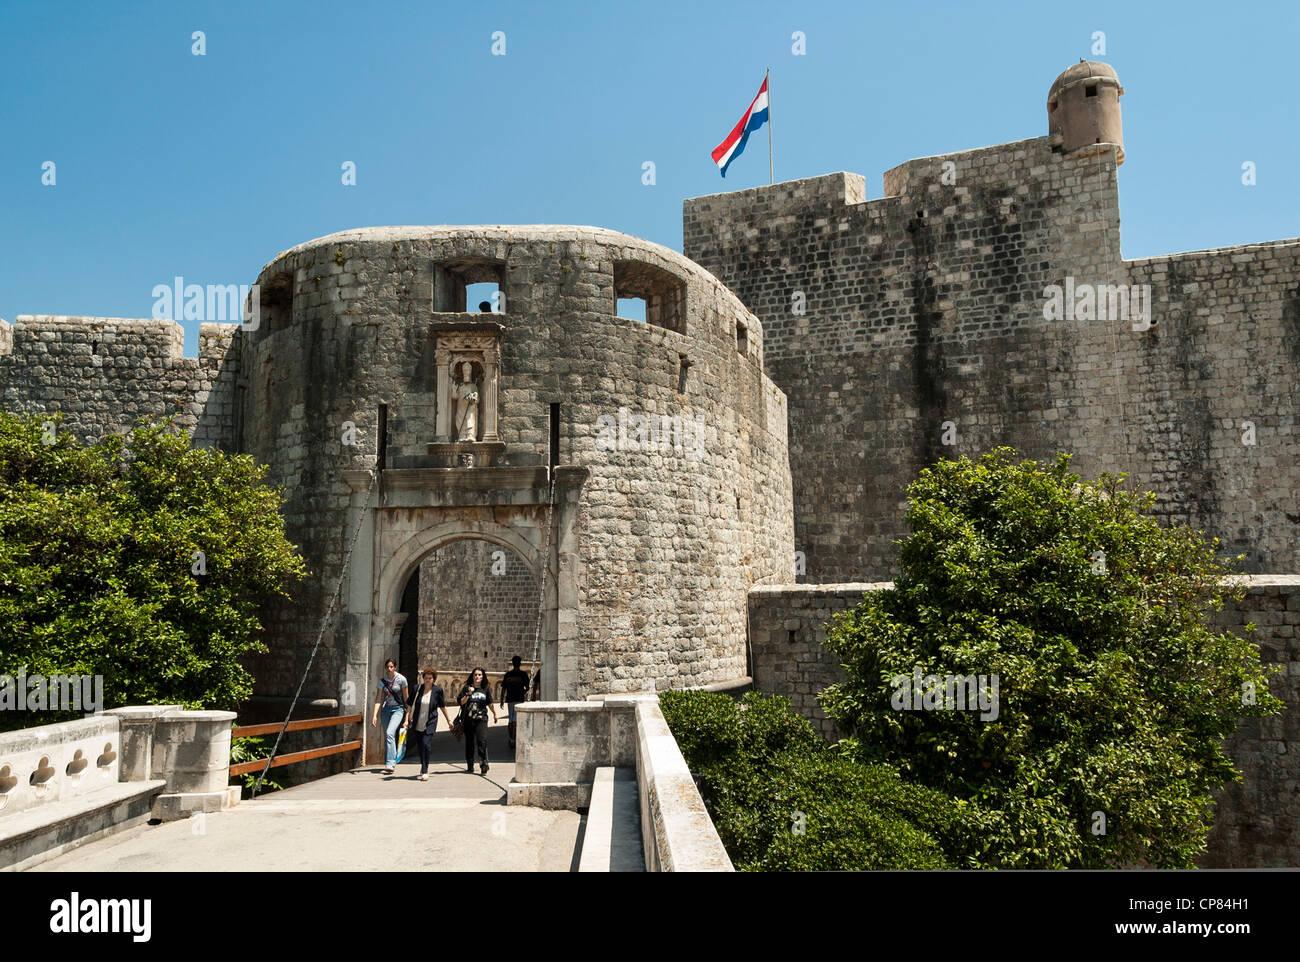 Palo porta d'ingresso alla città vecchia con le mura della città di Dubrovnik, Croazia, Europa Immagini Stock